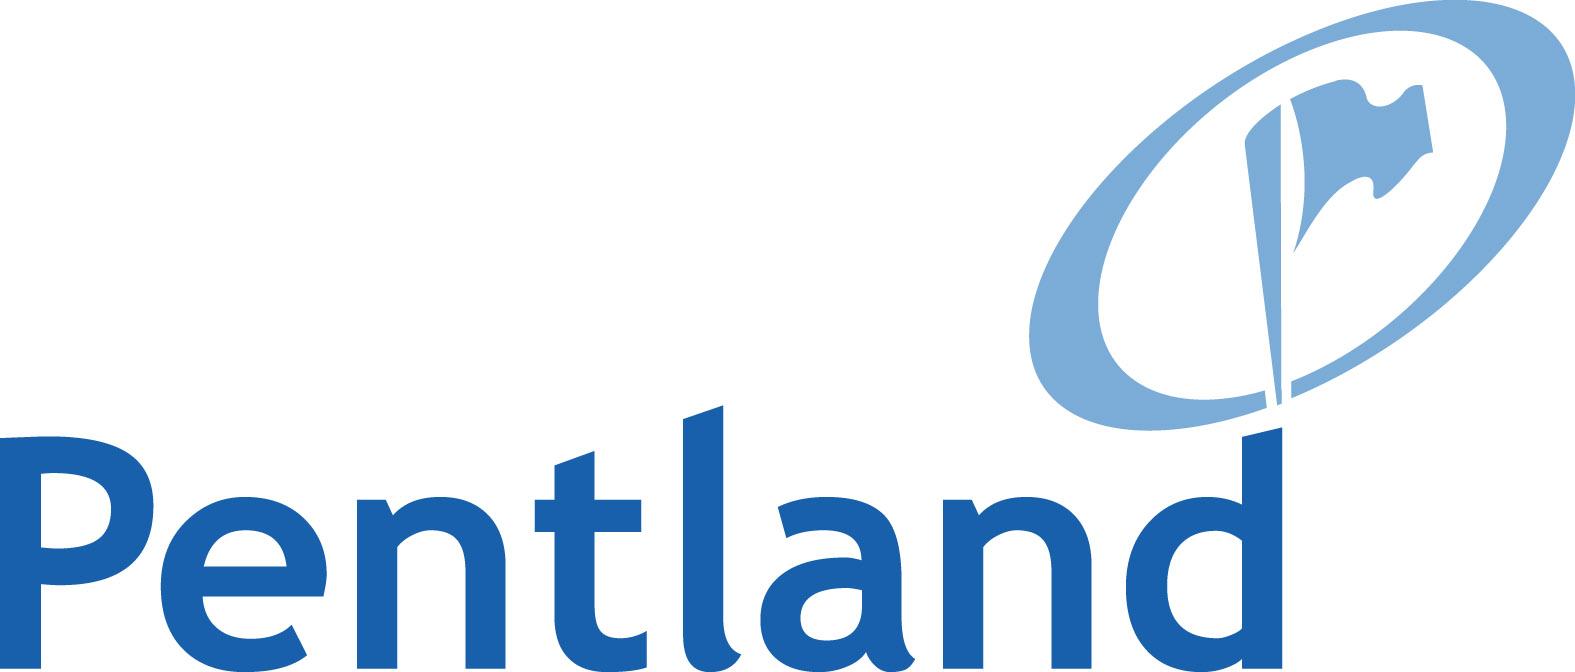 PENTLAND Logo - Feb 2013 (1)